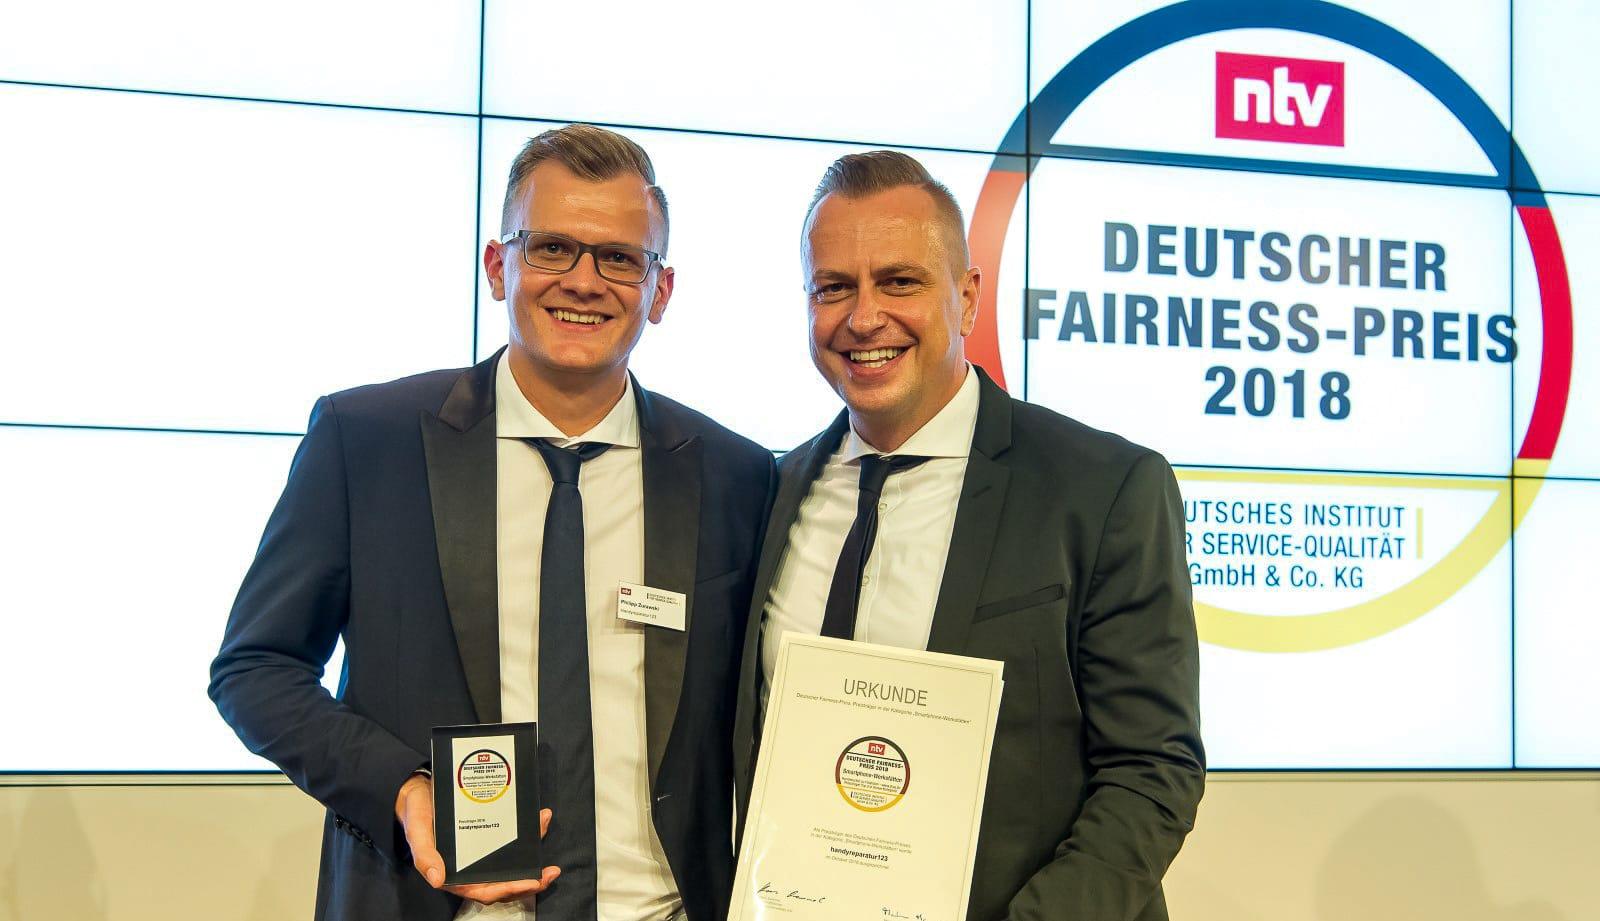 Philipp Zurawski & Lars Zurawski Fairness-Preis 2018